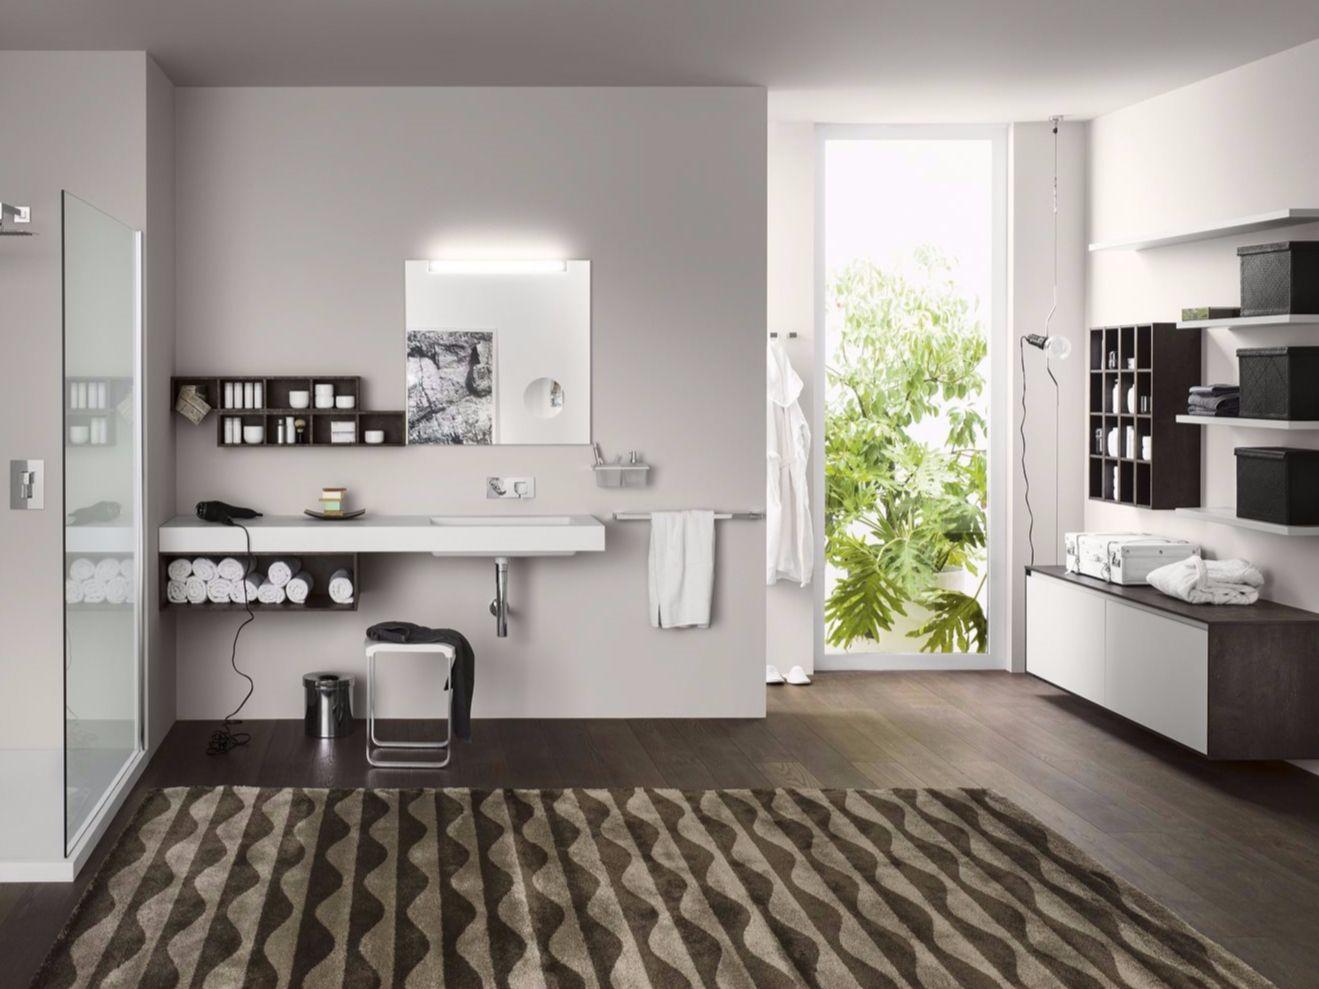 Imagens de #8D9A31 Móvel para casa de banho / móvel lavatório PERFETTO  Composition  1319x989 px 3384 Bloco Cad Lavatório Banheiro